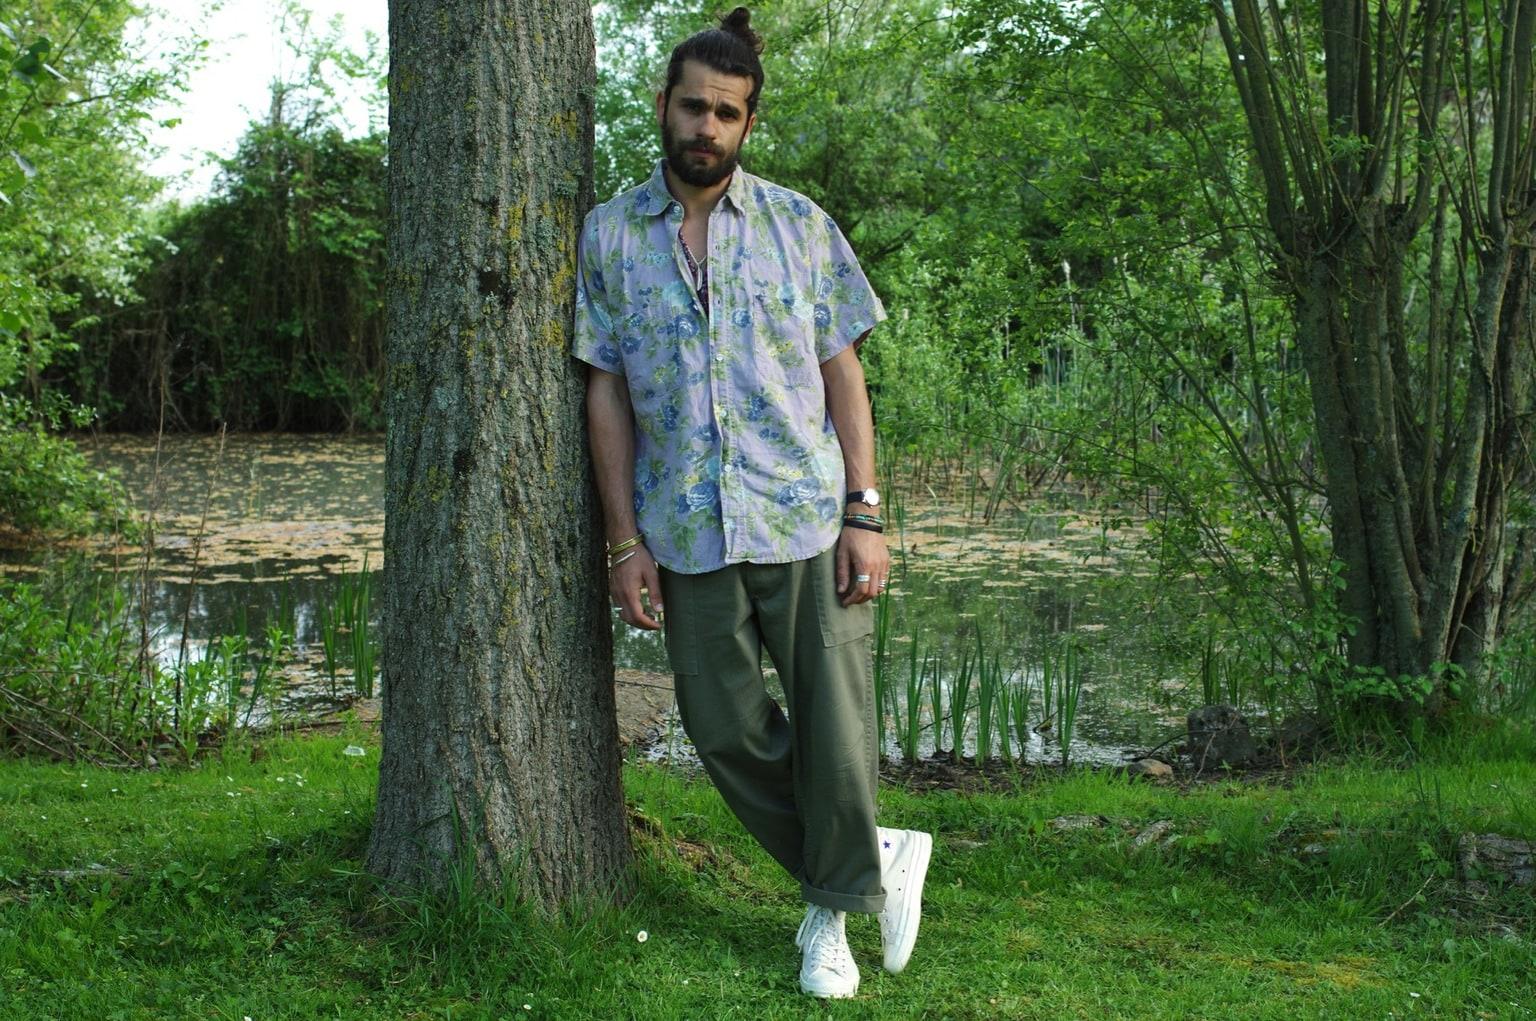 chemisette chemise manches courtes à fleurs et comment porter un cargo pant arashi denim monkey pants HBT idée look converse ct70